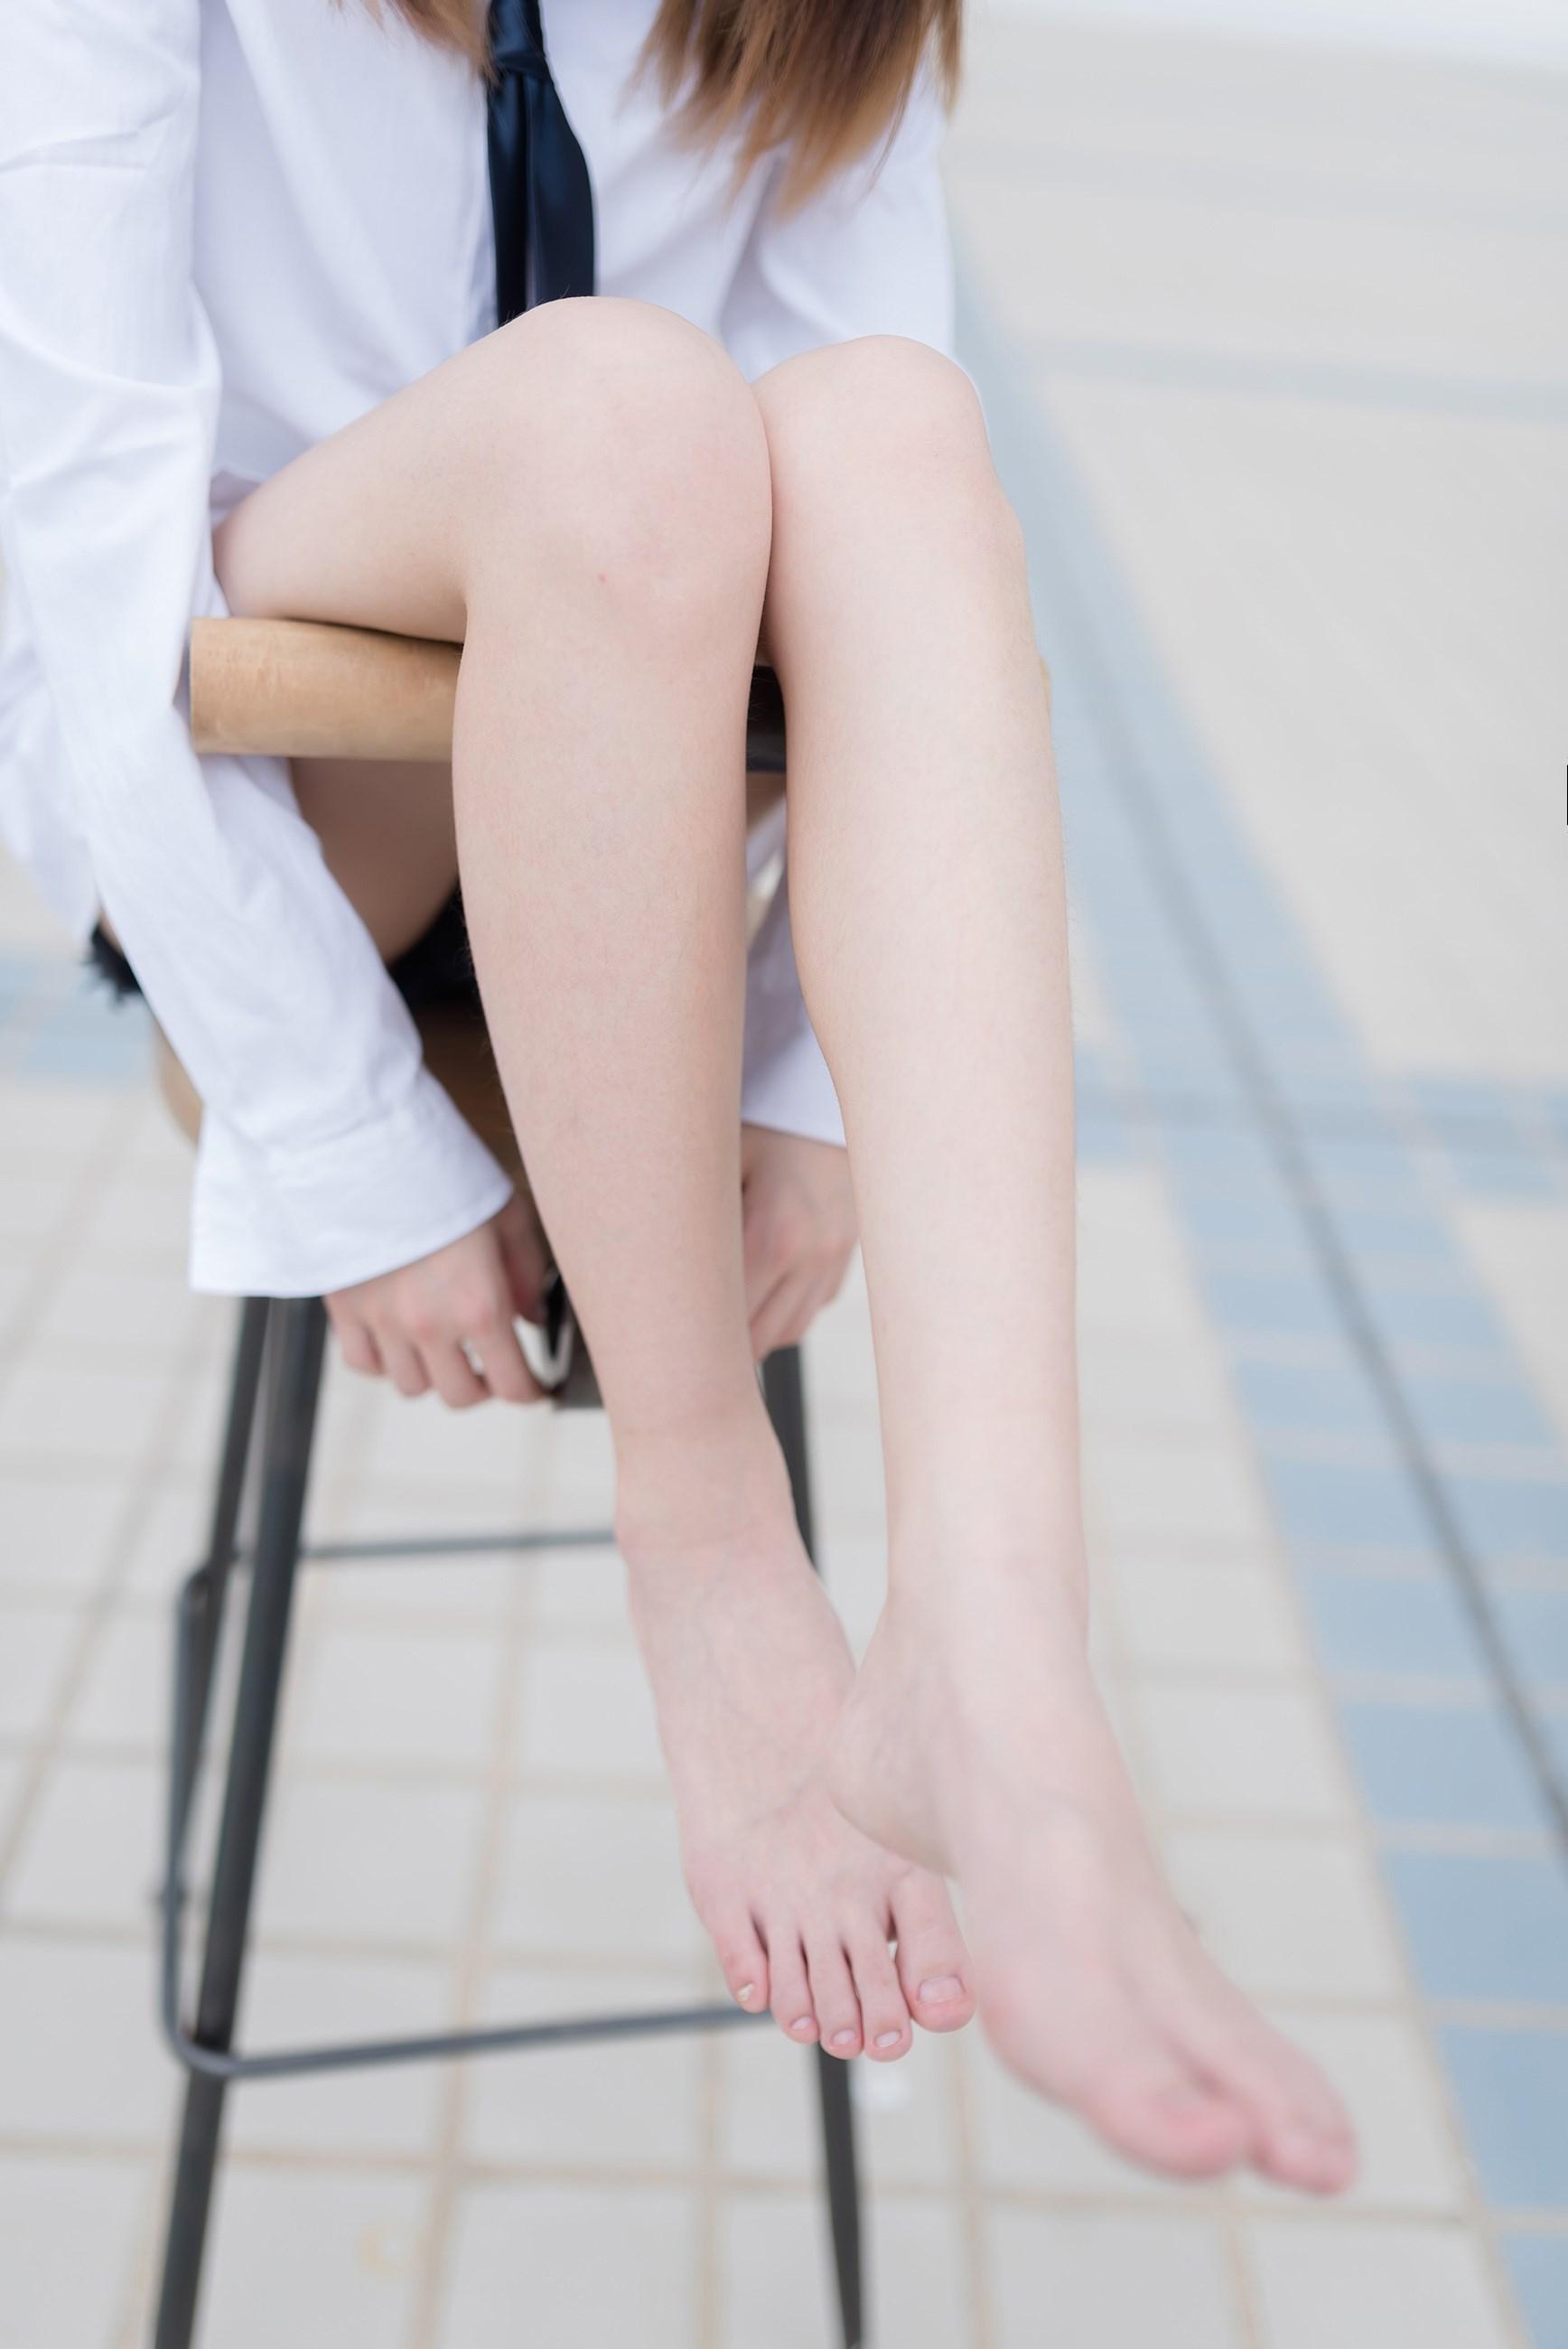 【兔玩映画】裸脚白衬衫 · 足控福利 兔玩映画 第39张